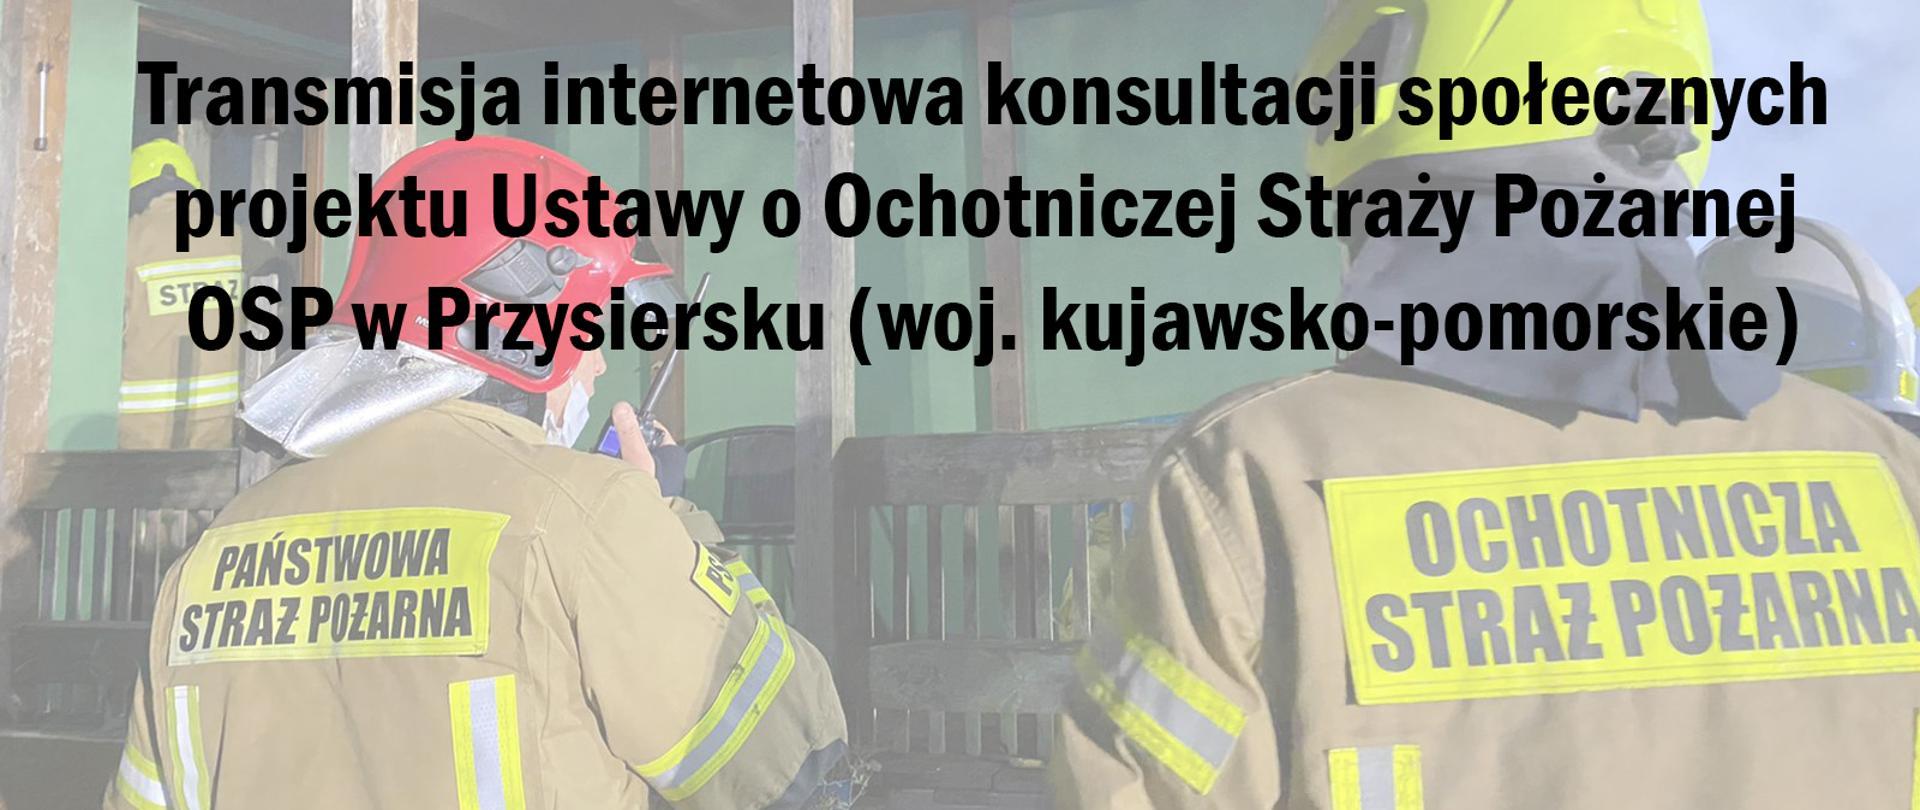 Transmisja online – konsultacje społeczne projektu Ustawy o Ochotniczej Straży Pożarnej w woj. kujawsko - pomorskim z udziałem Komendanta Głównego PSP